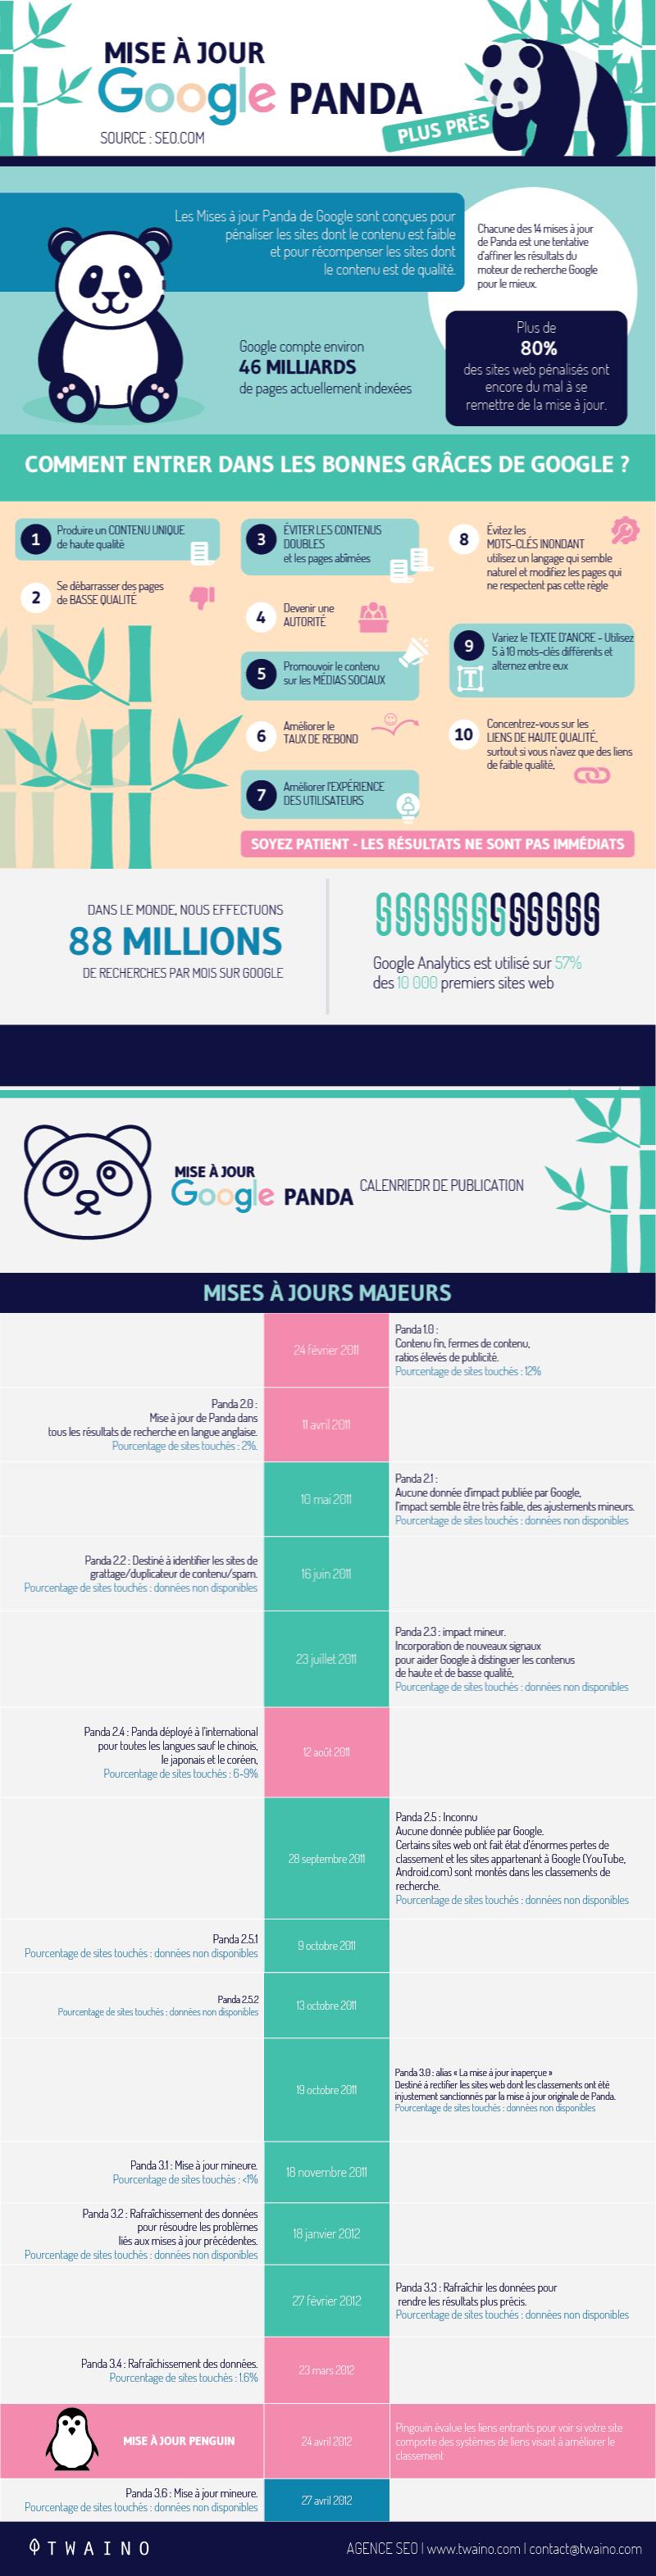 mise-a-jour-google-panda